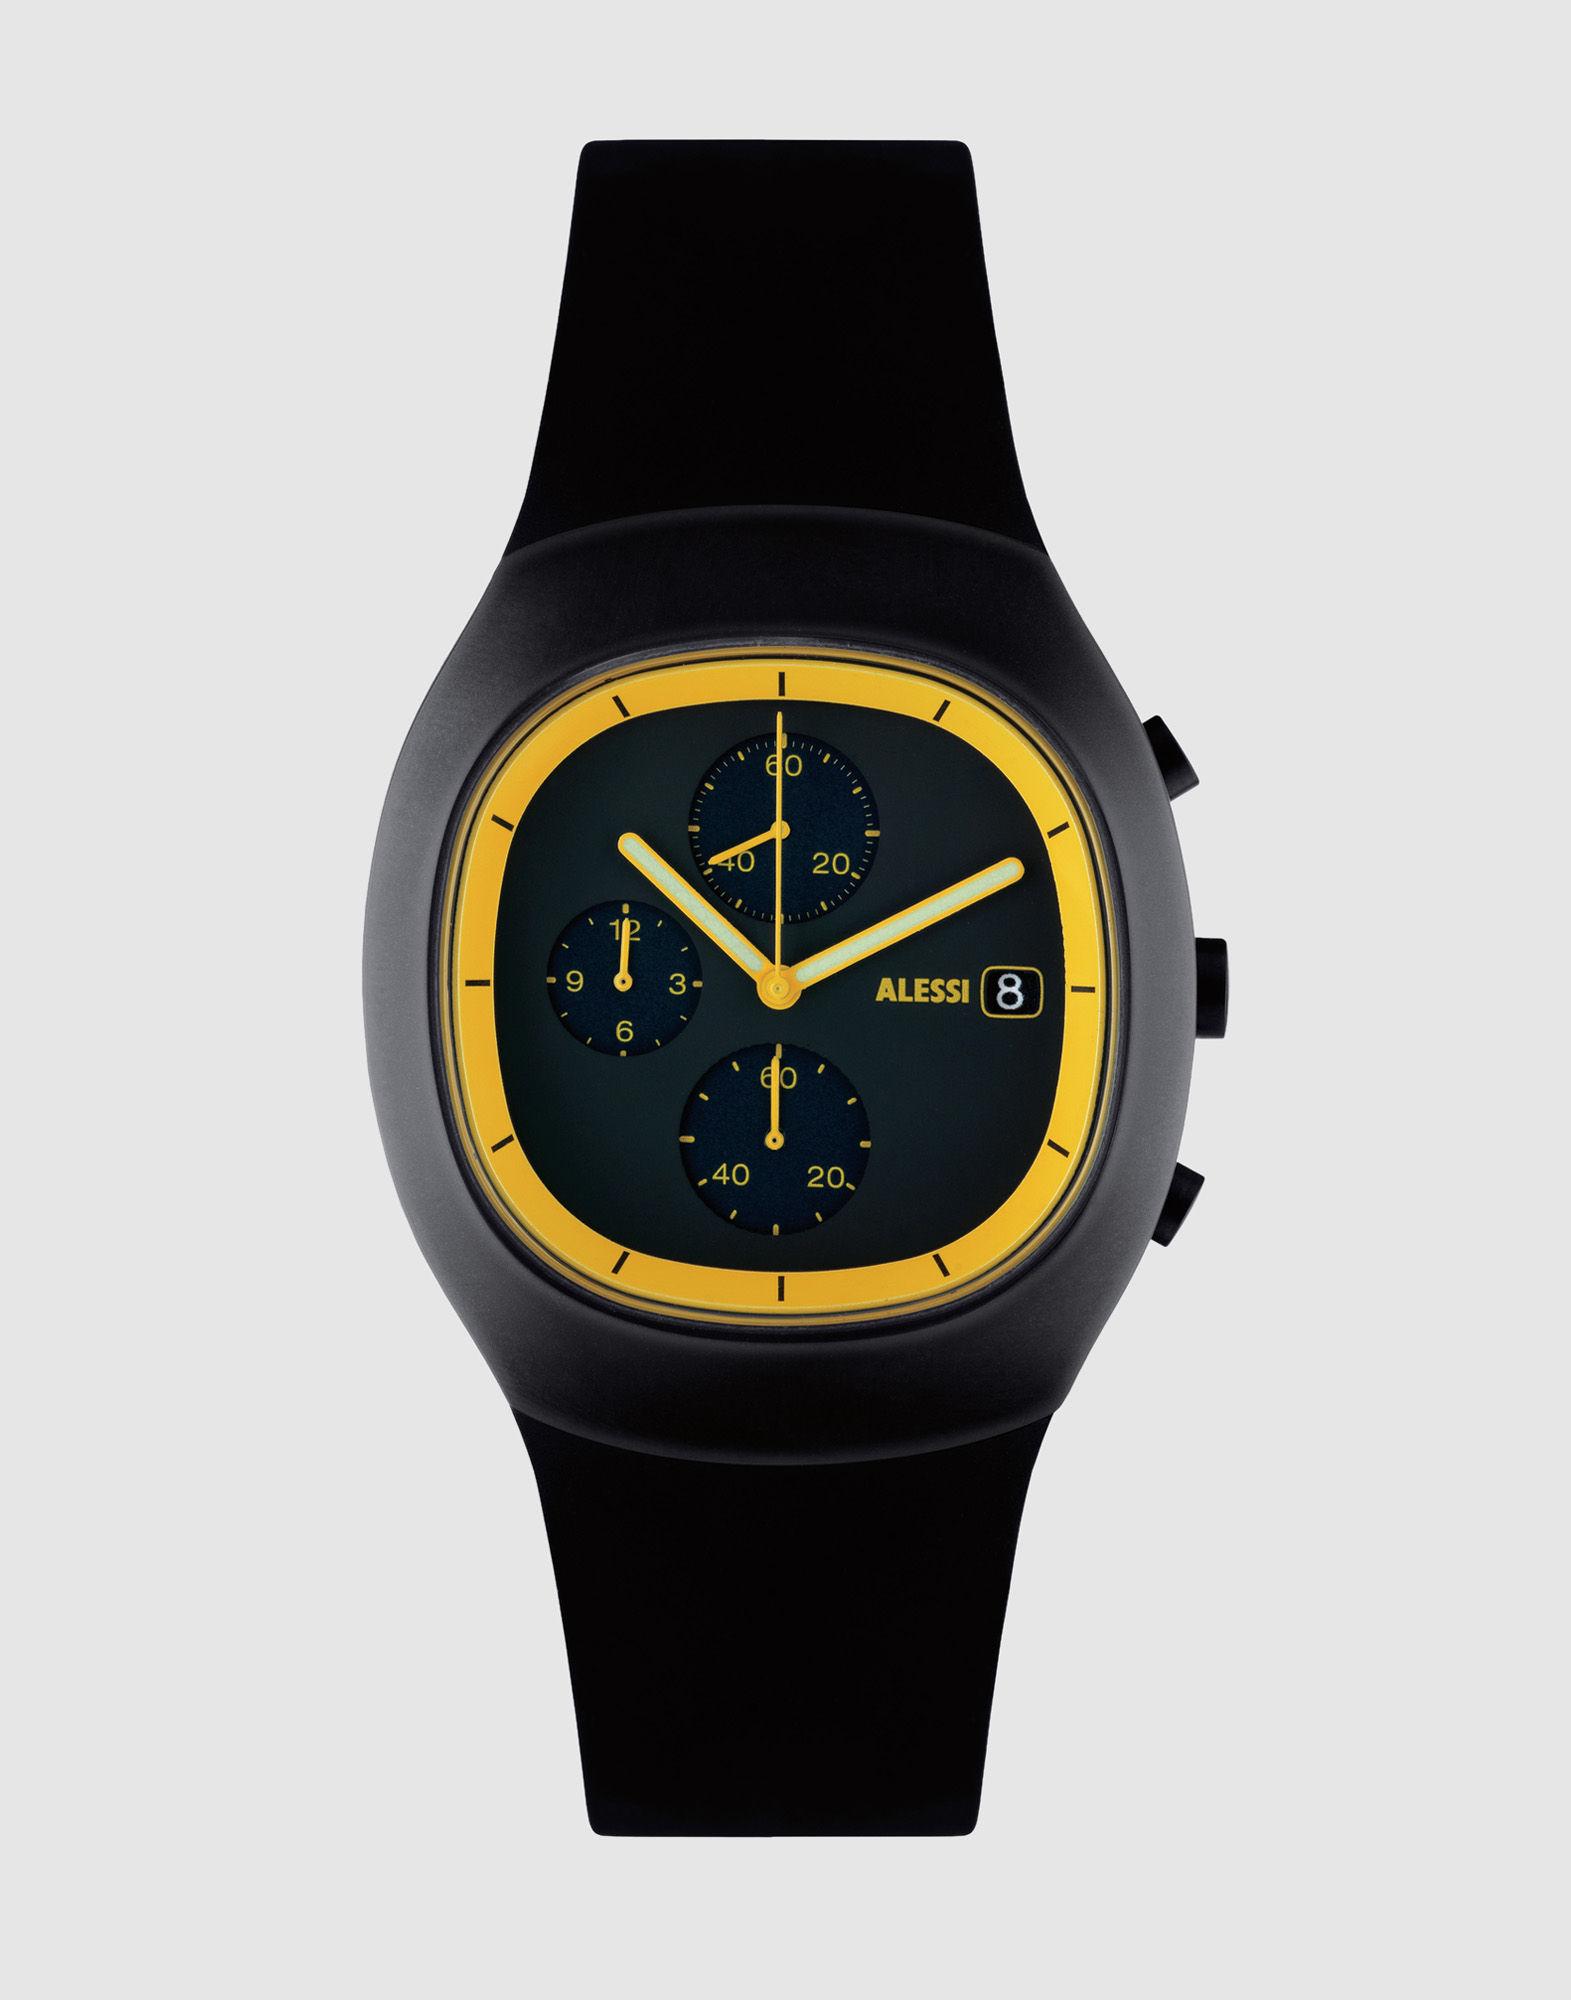 ALESSI Наручные часы роскошные браслеты часы часы часы часы кварца часы vintage турецкие наручные часы индийский свадебный подарок антикварных ювелирны